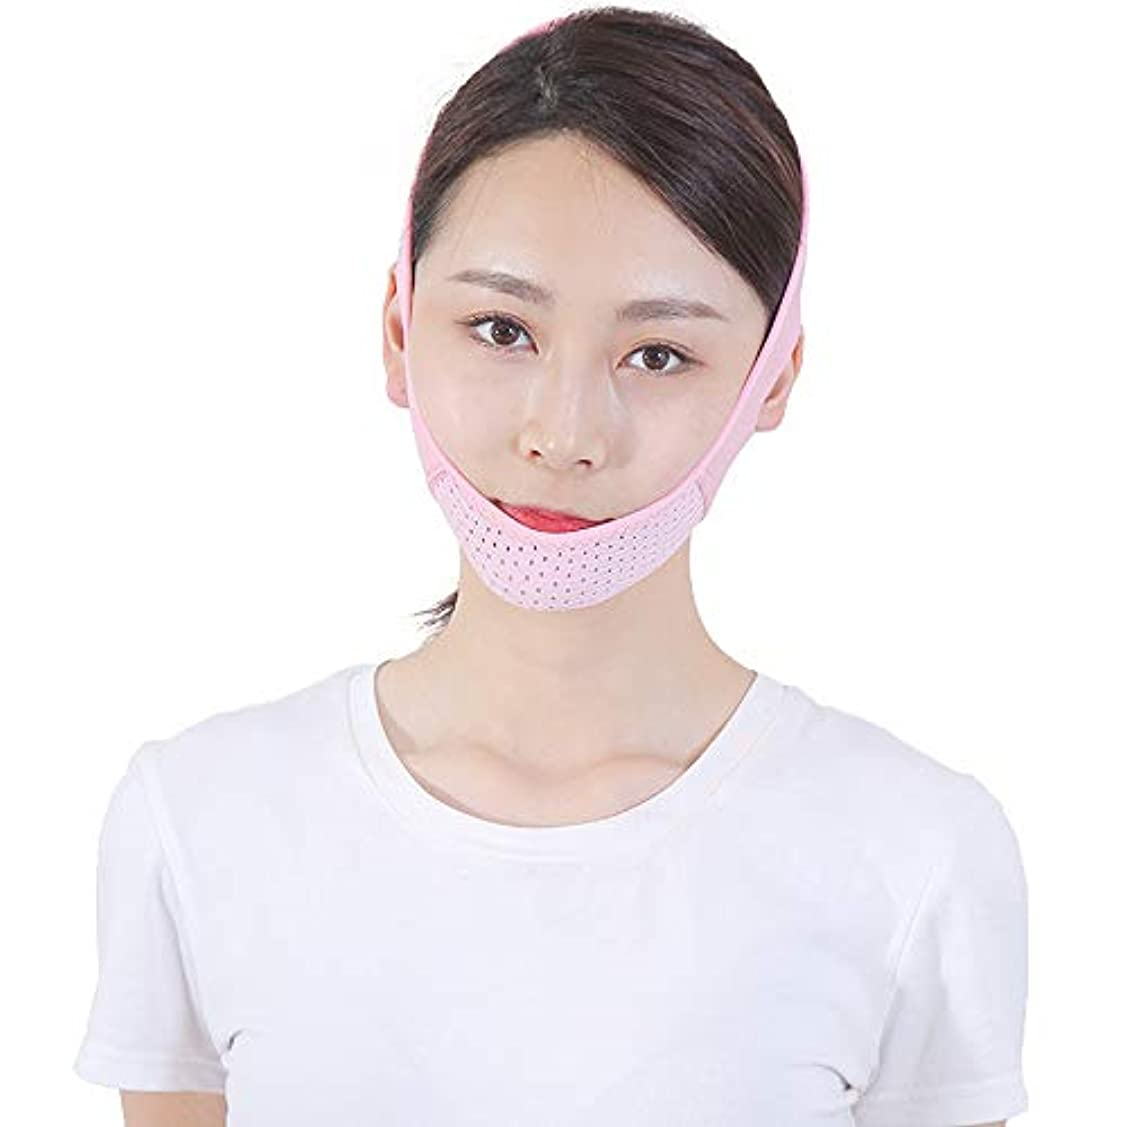 怠感広大な勇気GYZ フェイシャルリフティング痩身ベルトフェイススリムゲットダブルチンアンチエイジングリンクルフェイスバンデージマスクシェイピングマスク顔を引き締めるダブルチンワークアウト Thin Face Belt